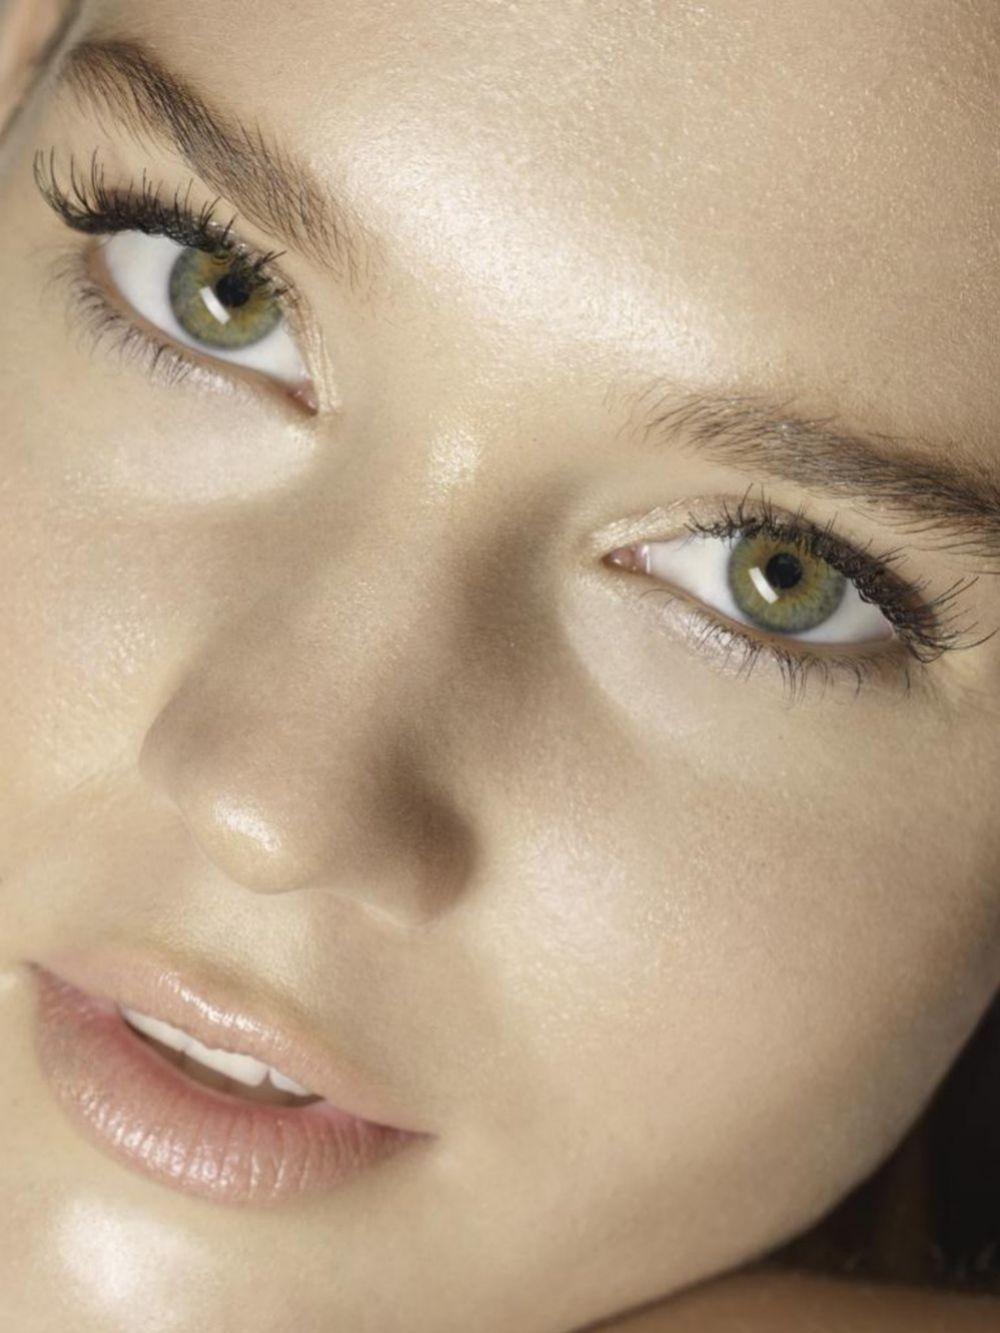 Librarse de las manchas y conseguir una piel luminosa preocupa más que las arrugas a la mayoría de las mujeres.